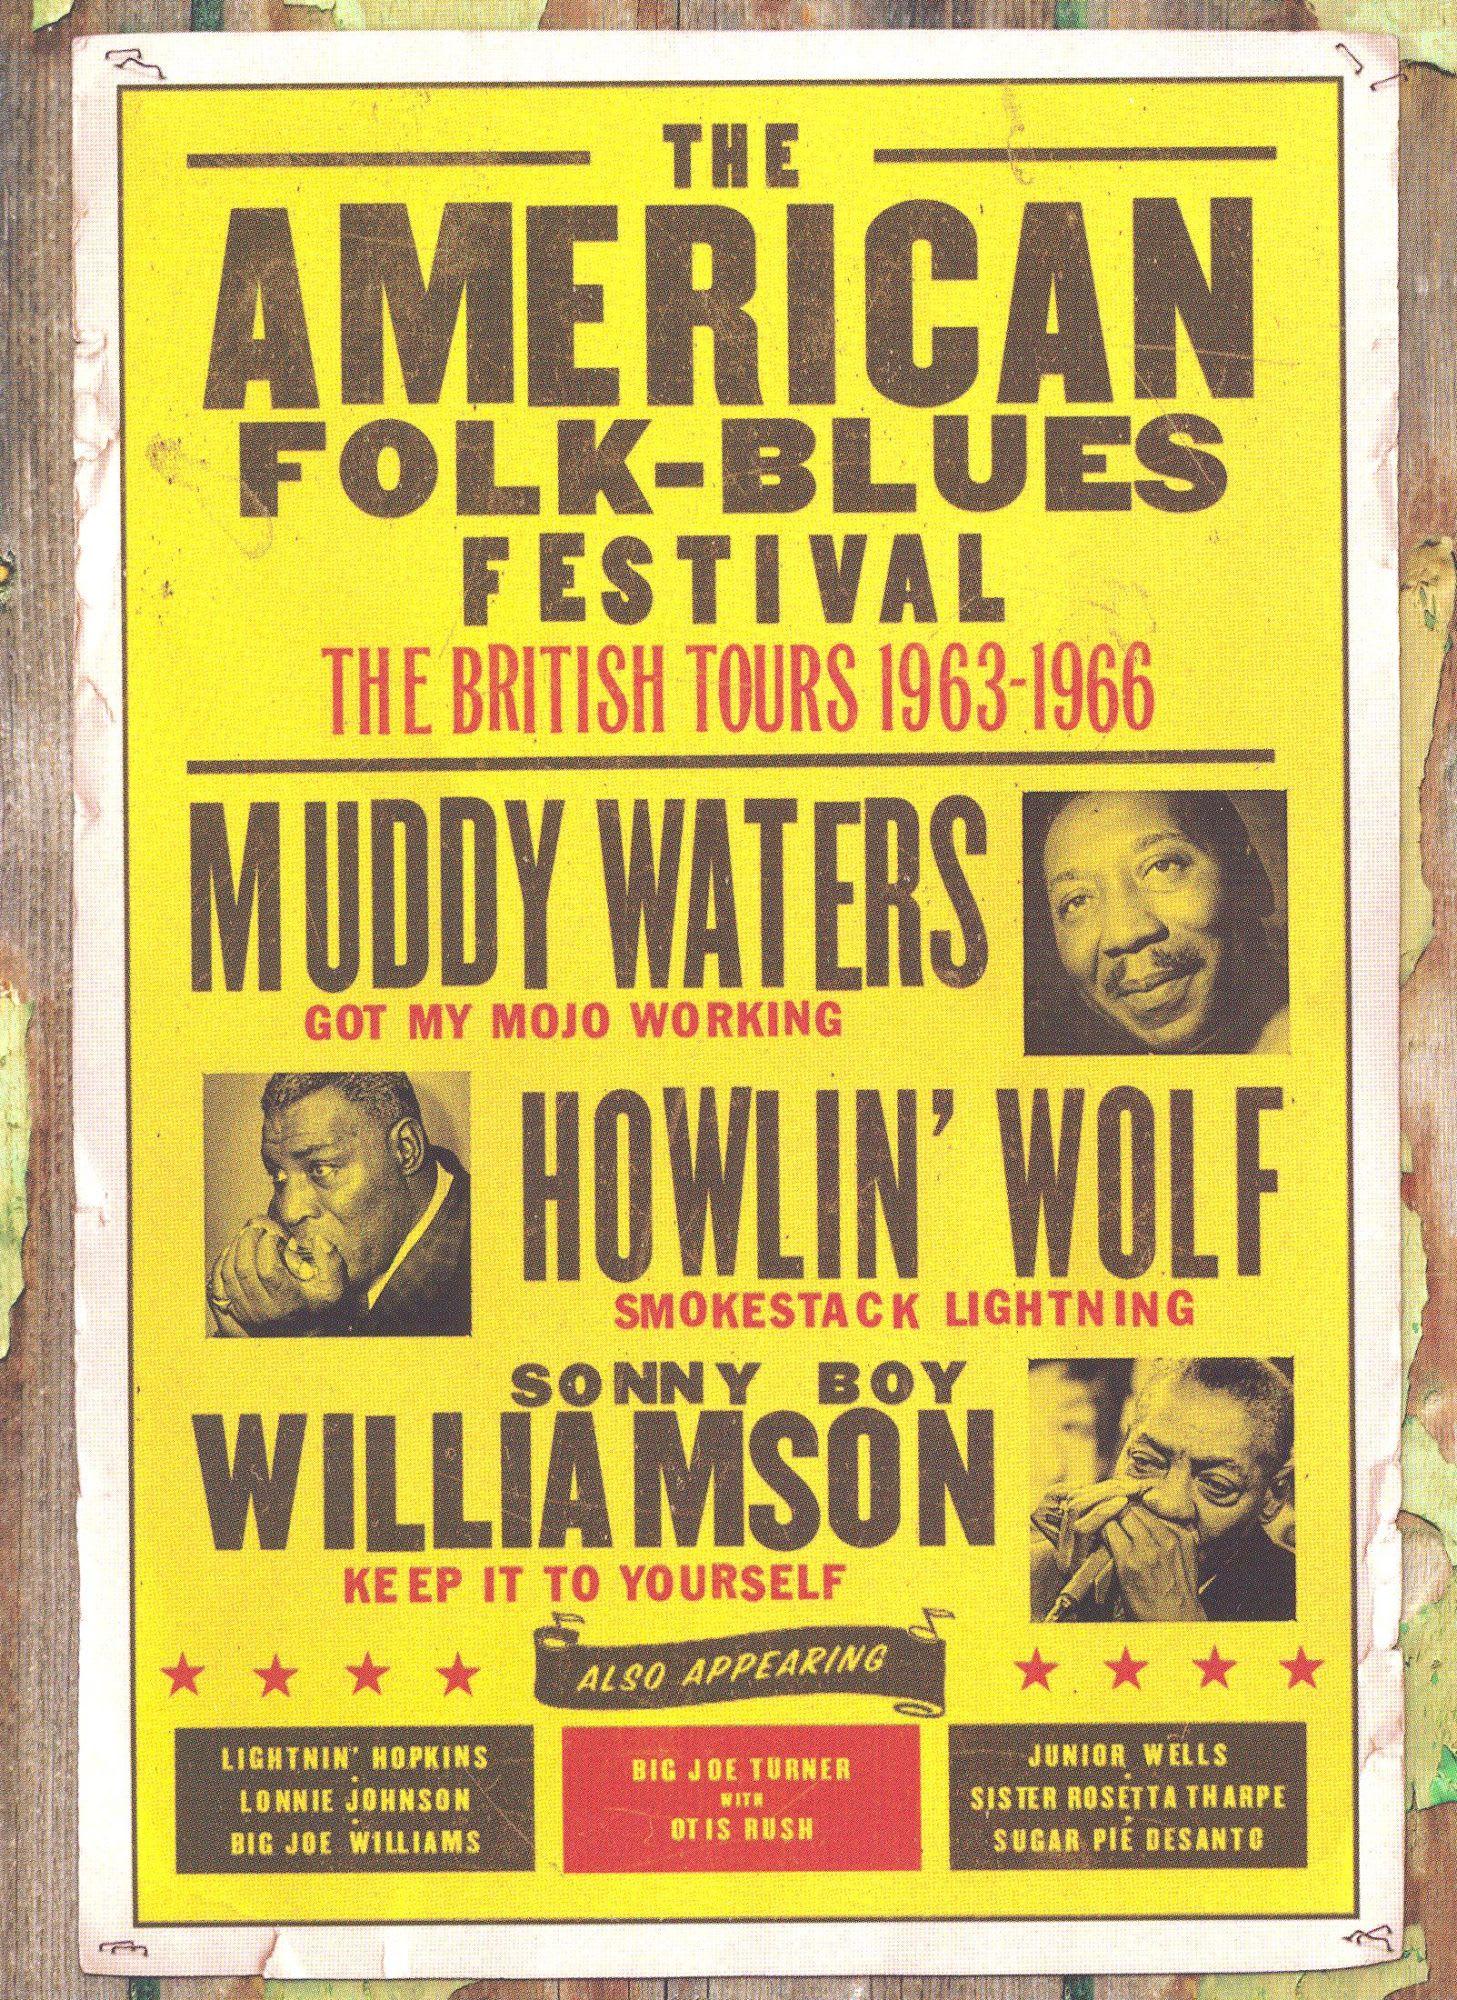 American Folk Blues Festival n81ysp